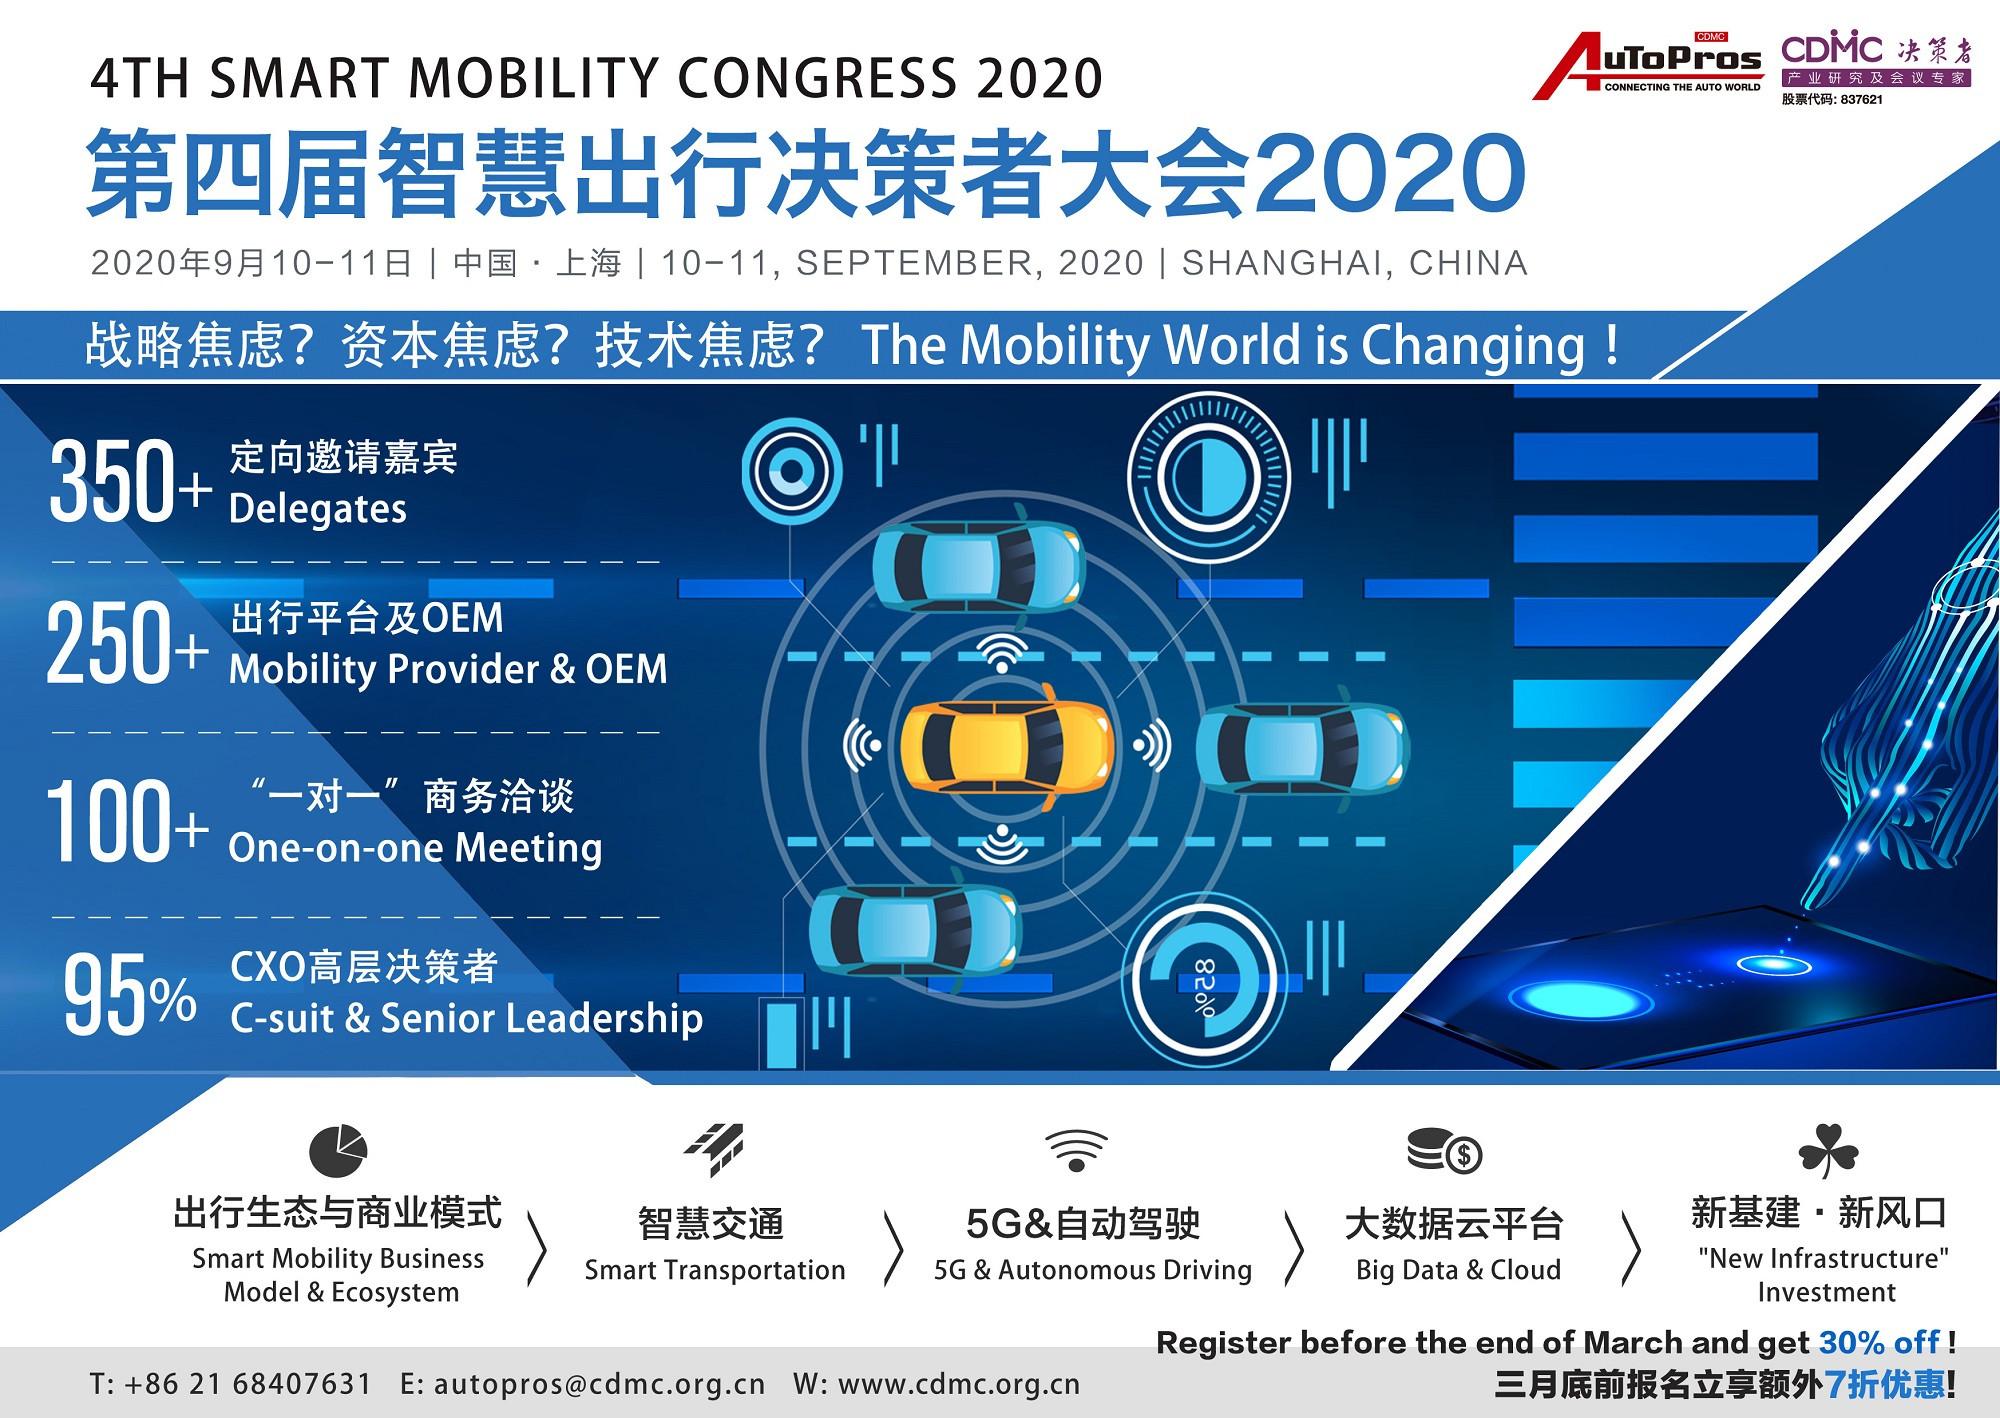 第四届智慧出行决策者大会2020